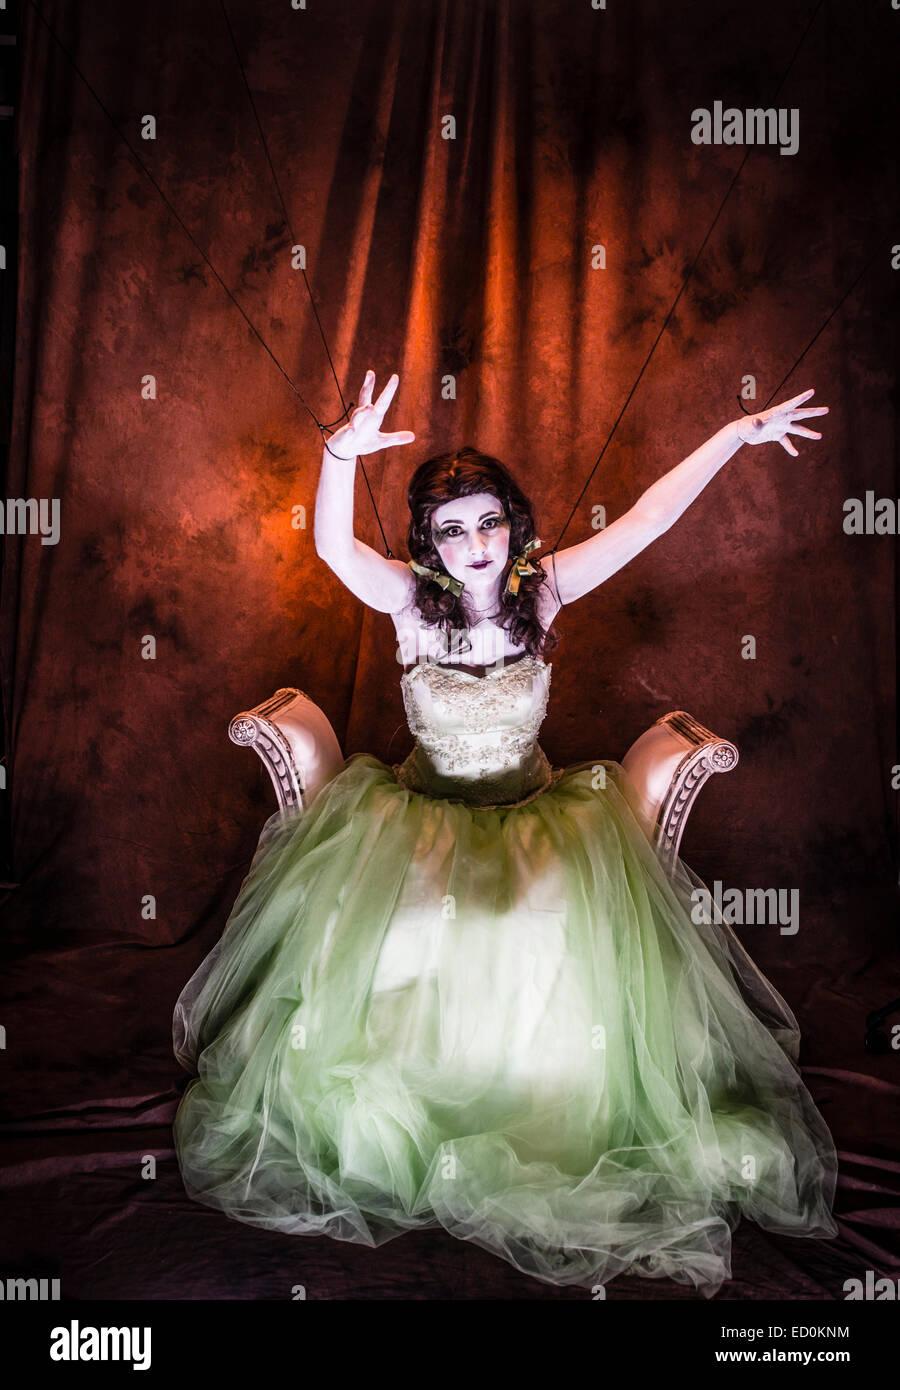 Fantasy makeover fotografía: una joven niña modelo hecho hasta parecerse a una cara blanca de porcelana Imagen De Stock